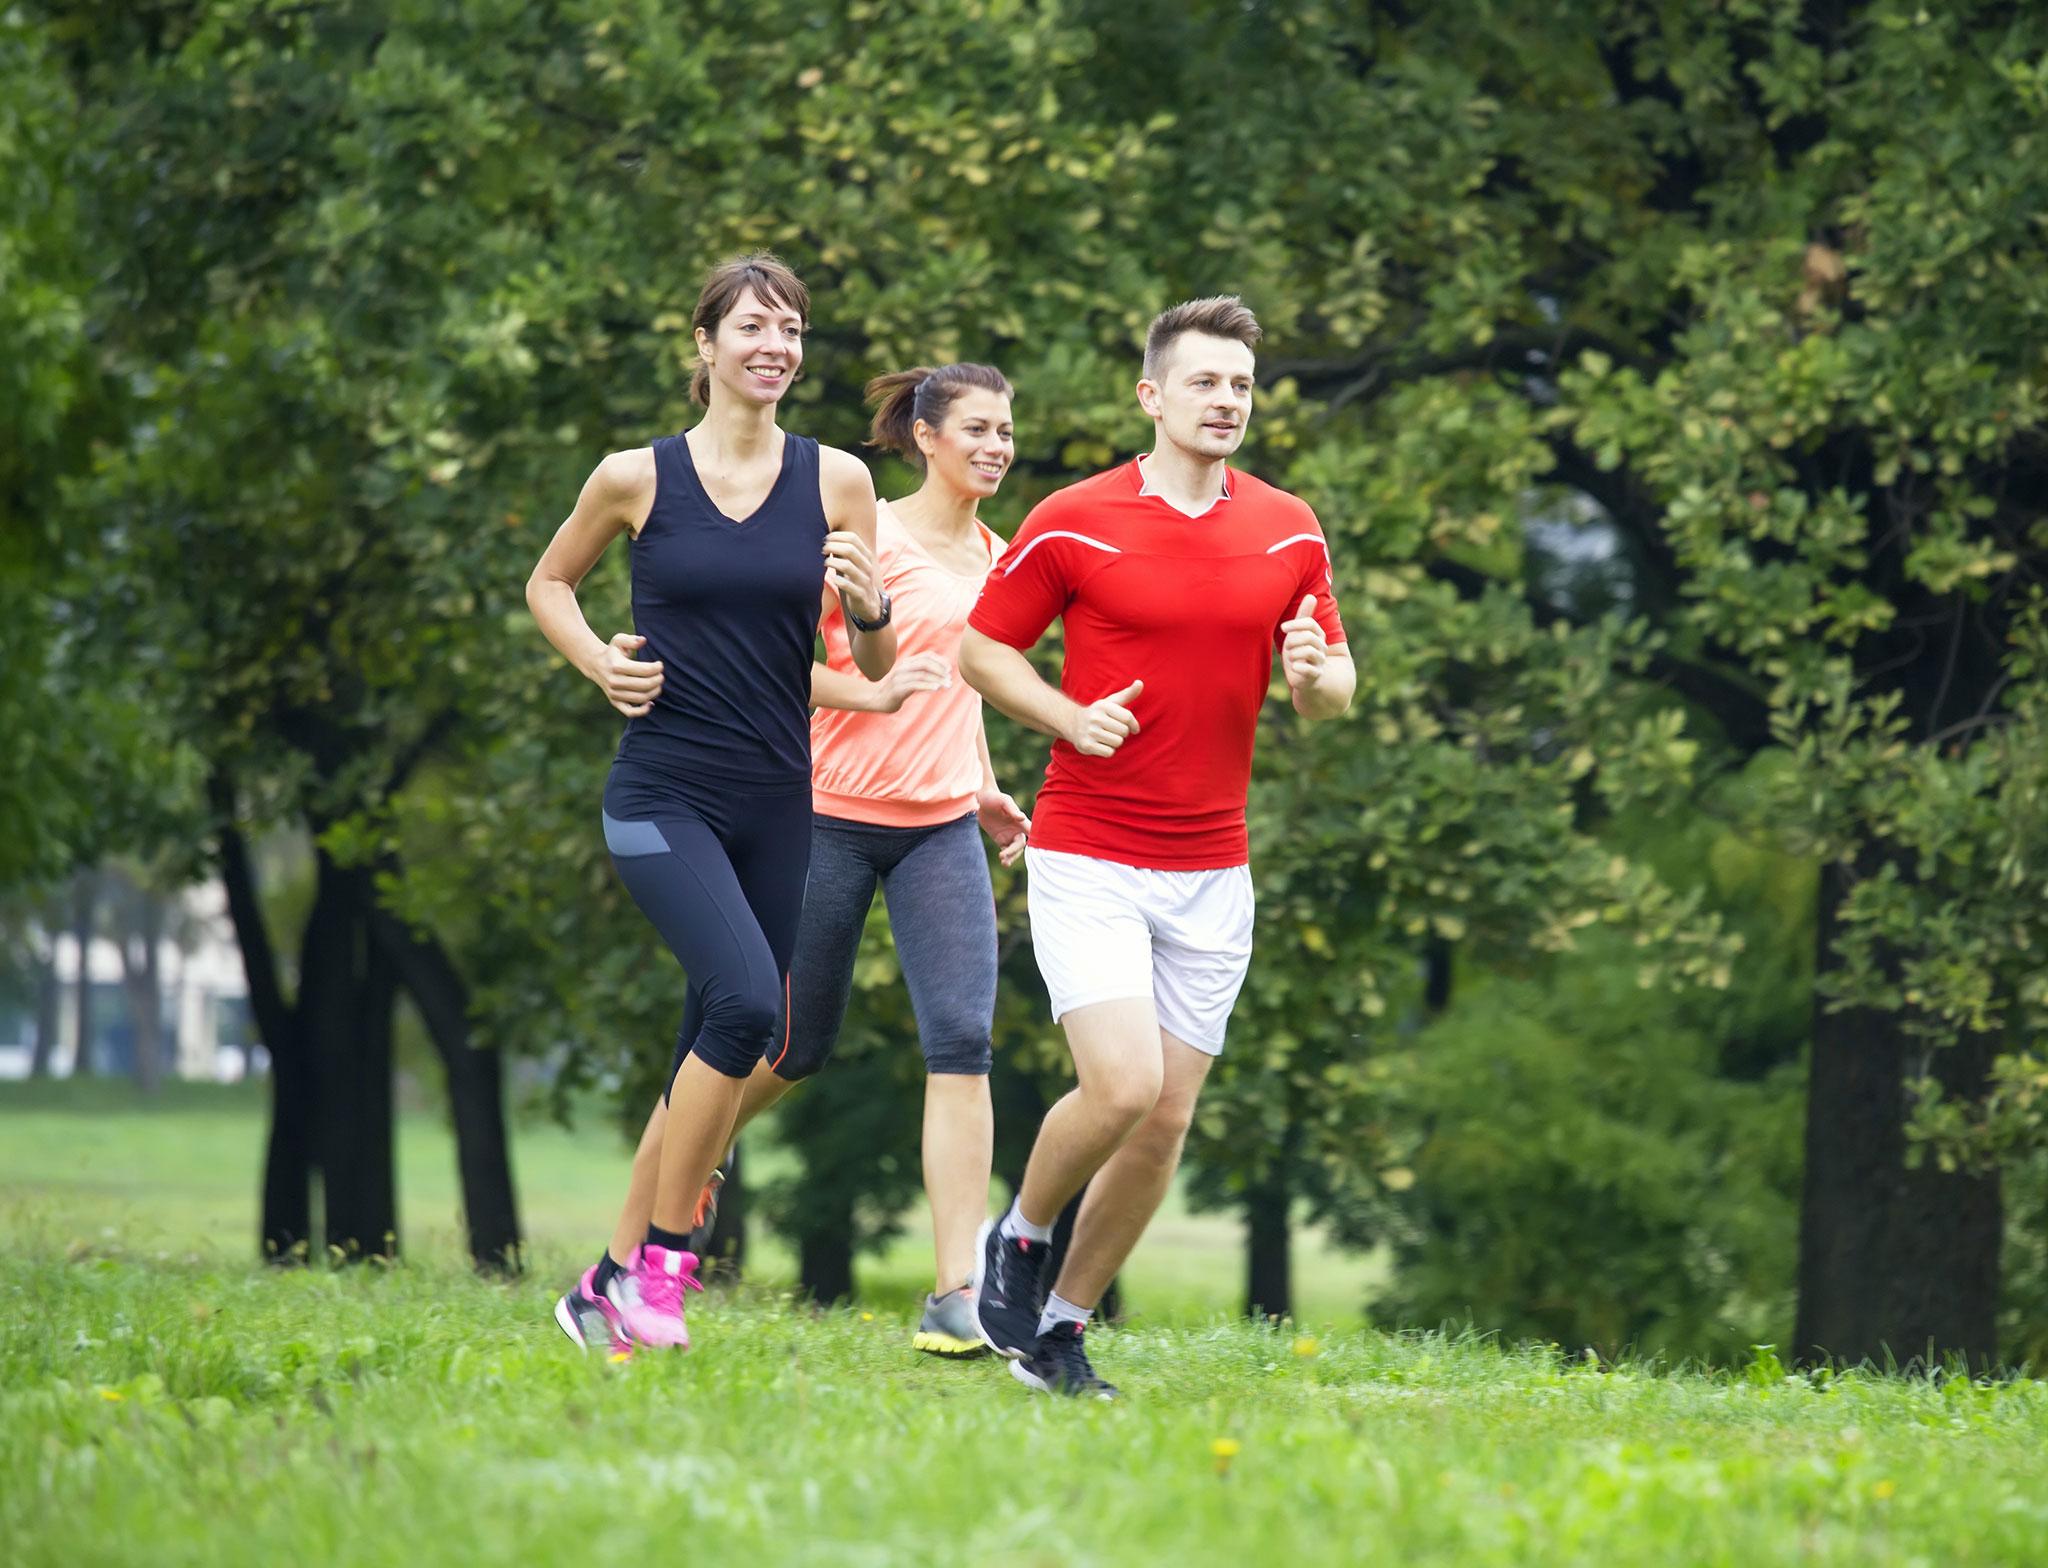 Zwei junge Frauen und ein junger Mann joggen in Sportkleidung durch eine Grünanlage